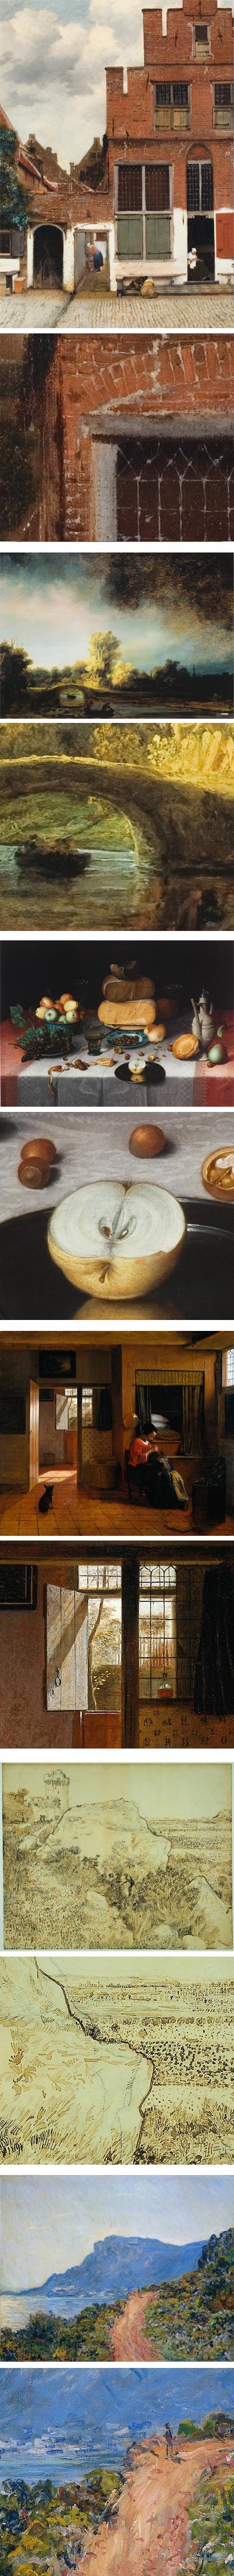 Hi res images in Rijksmuseum: Vermeer, Rembrandt, Floris van Dijk, Peter de Hooch, Van Gogh, Monet